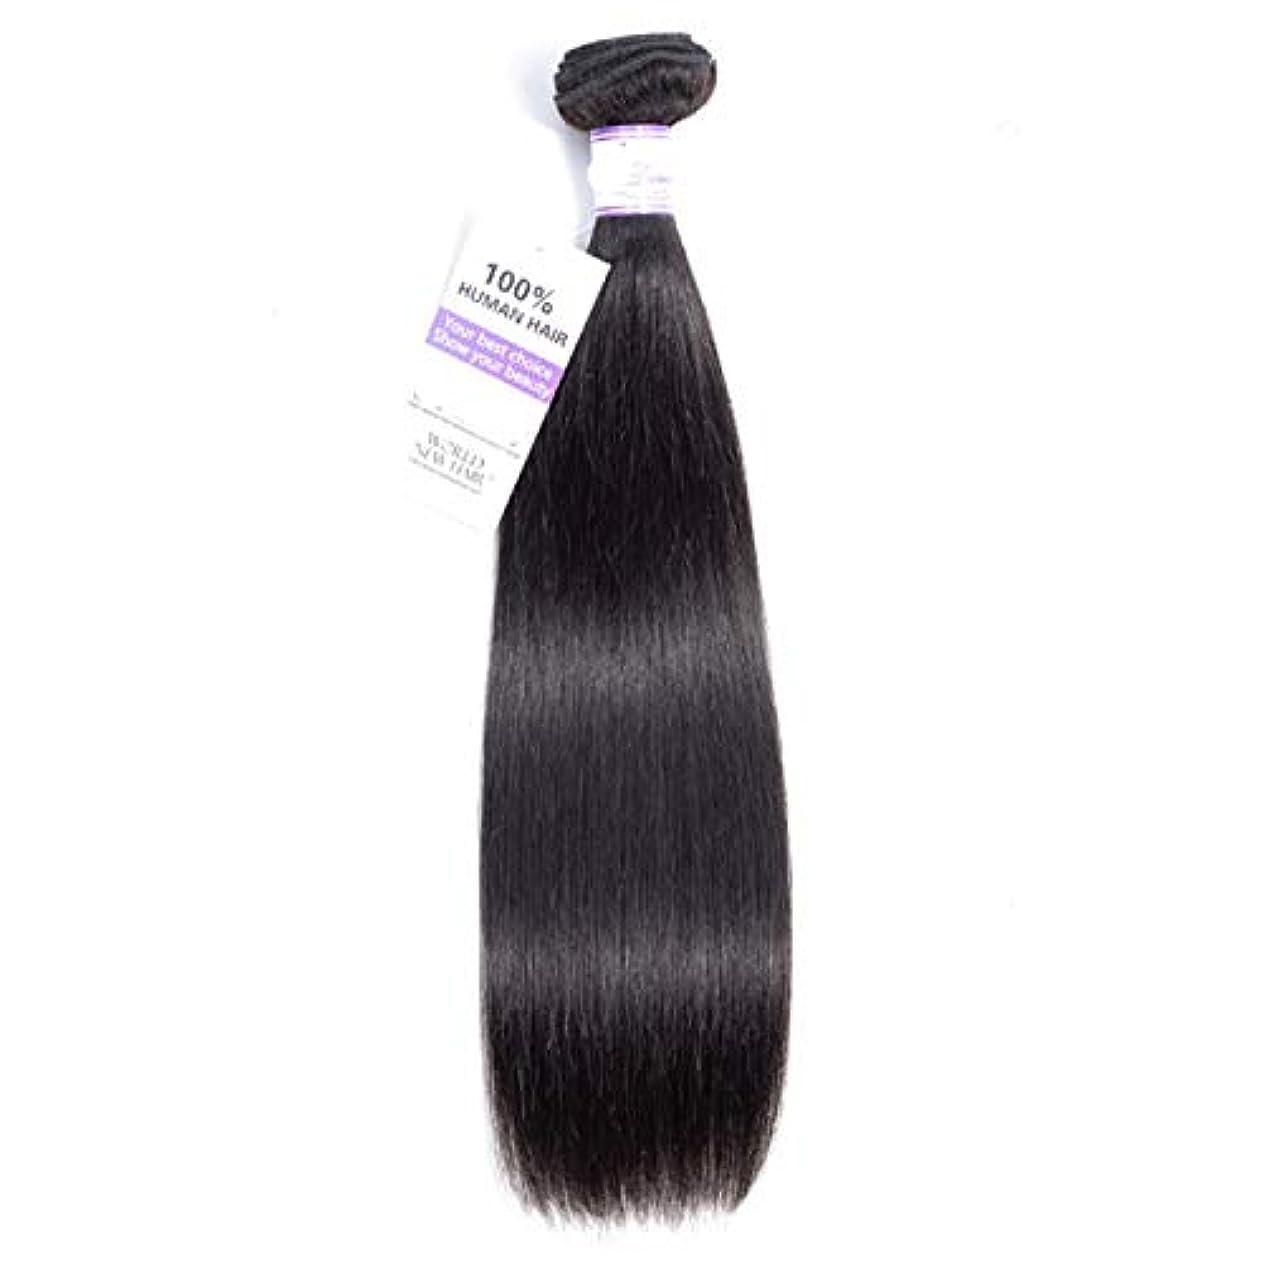 もっと少なく子犬かすれたかつら マレーシアのストレートヘアバンドル8-30インチ100%人毛織りナチュラルカラー非レミーヘアエクステンション1個 (Stretched Length : 8inches)